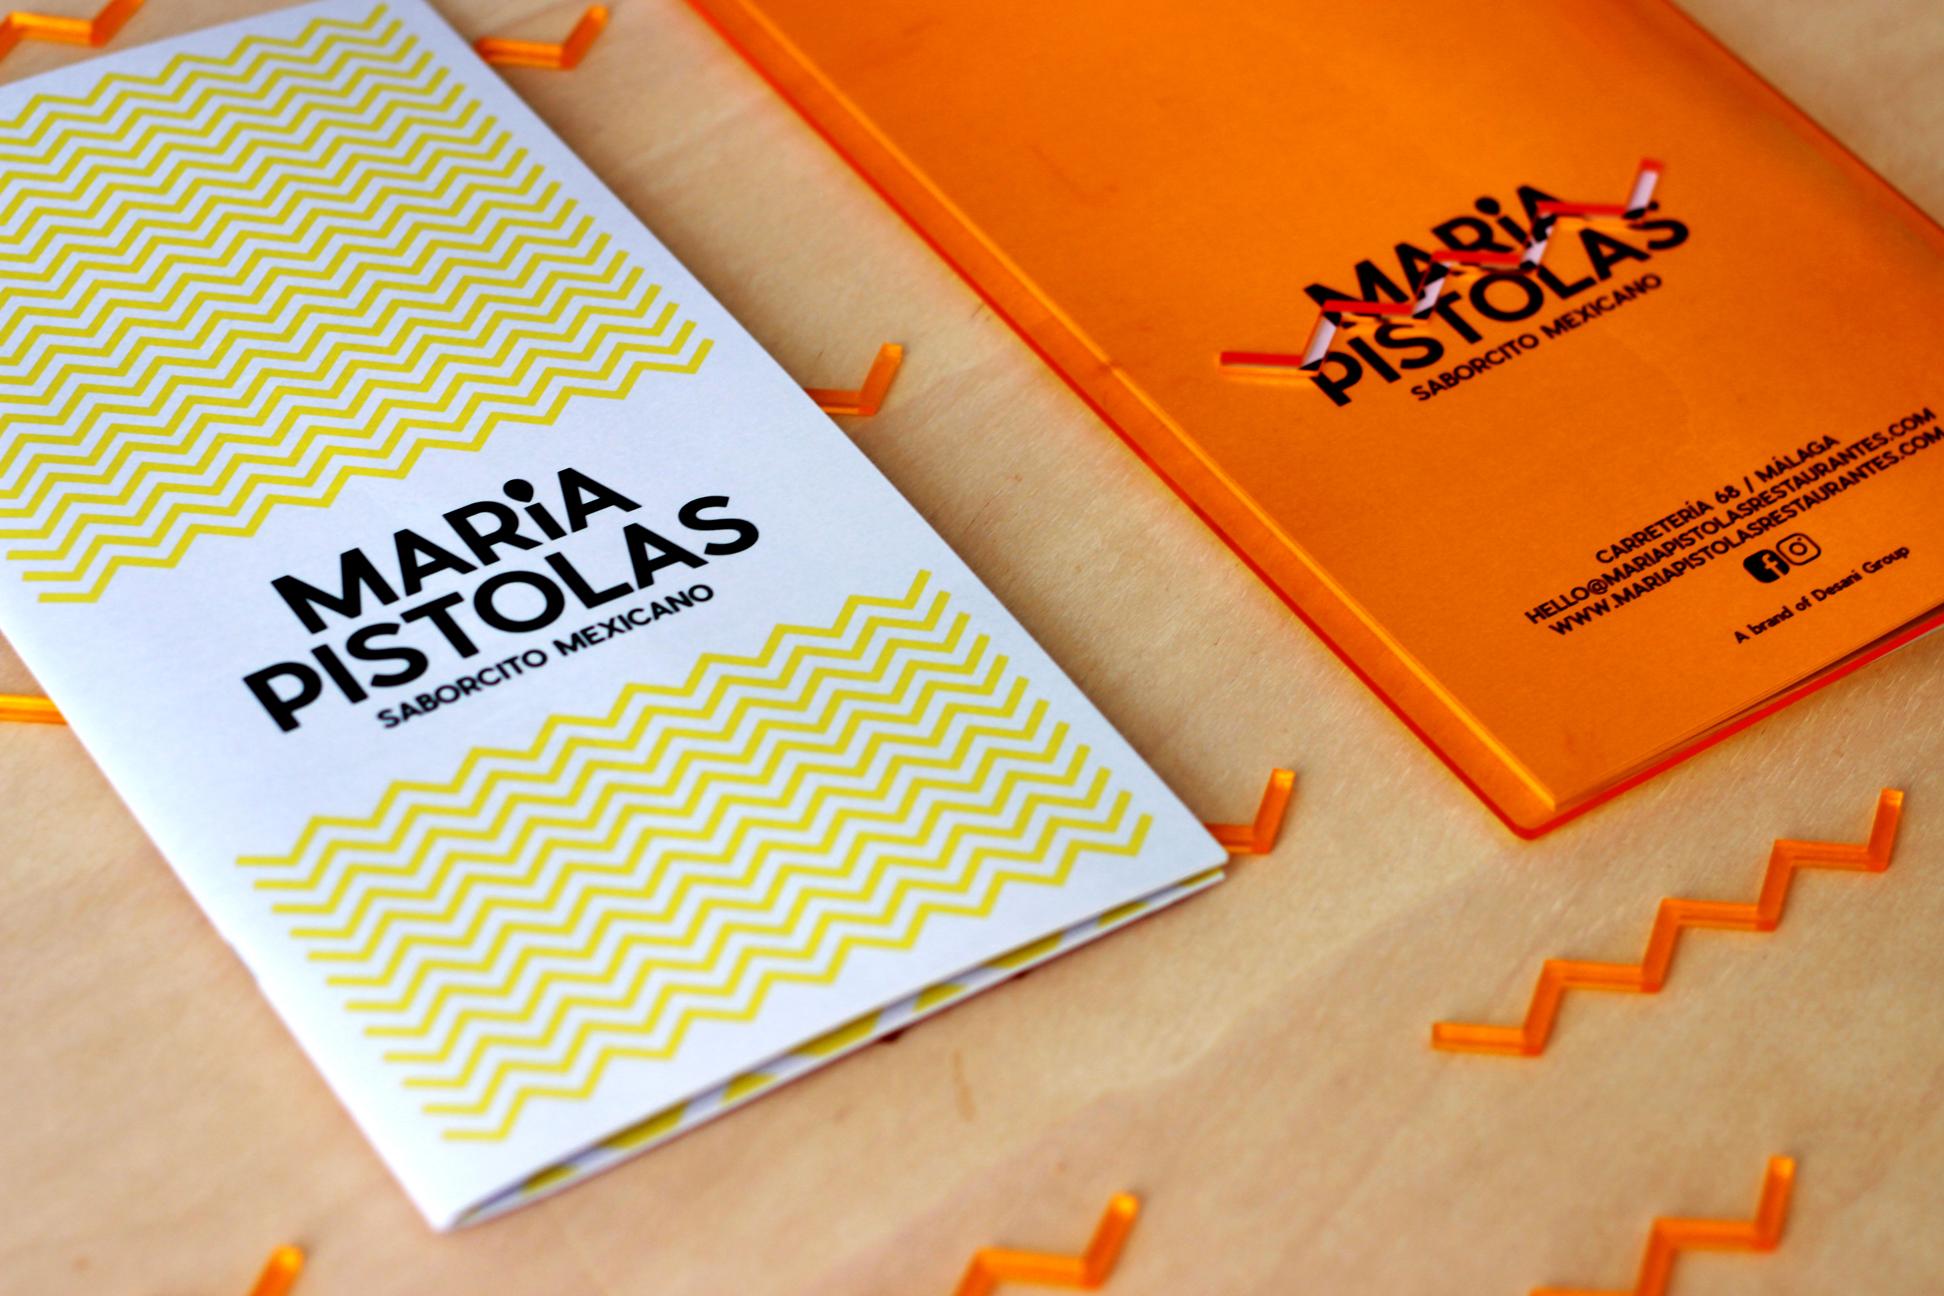 MARÍA PISTOLAS WEB_0035_Capa 2